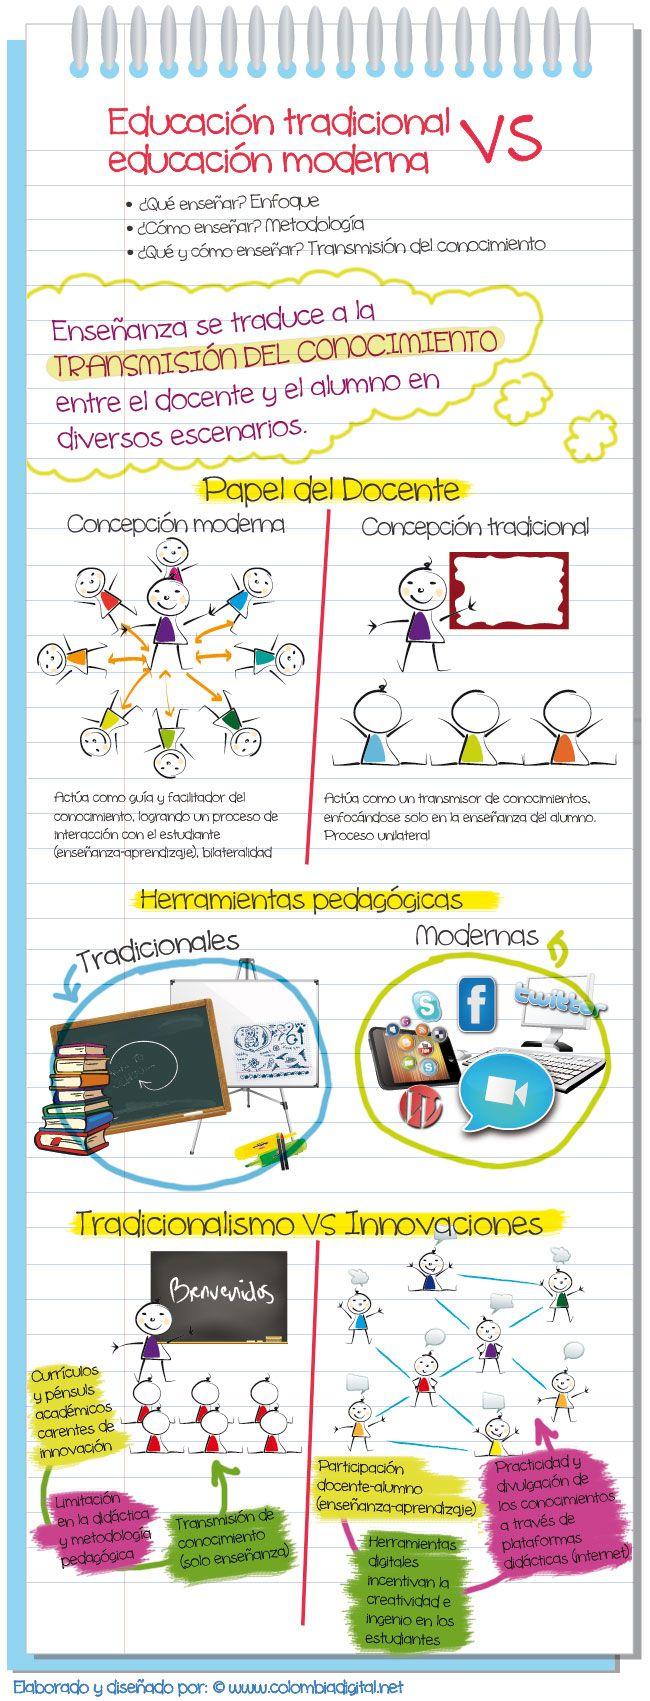 Educación tradicional versus educación moderna.  #infografia #infografía #infografias #infograph #graph #graphics #infographics #educacion #education